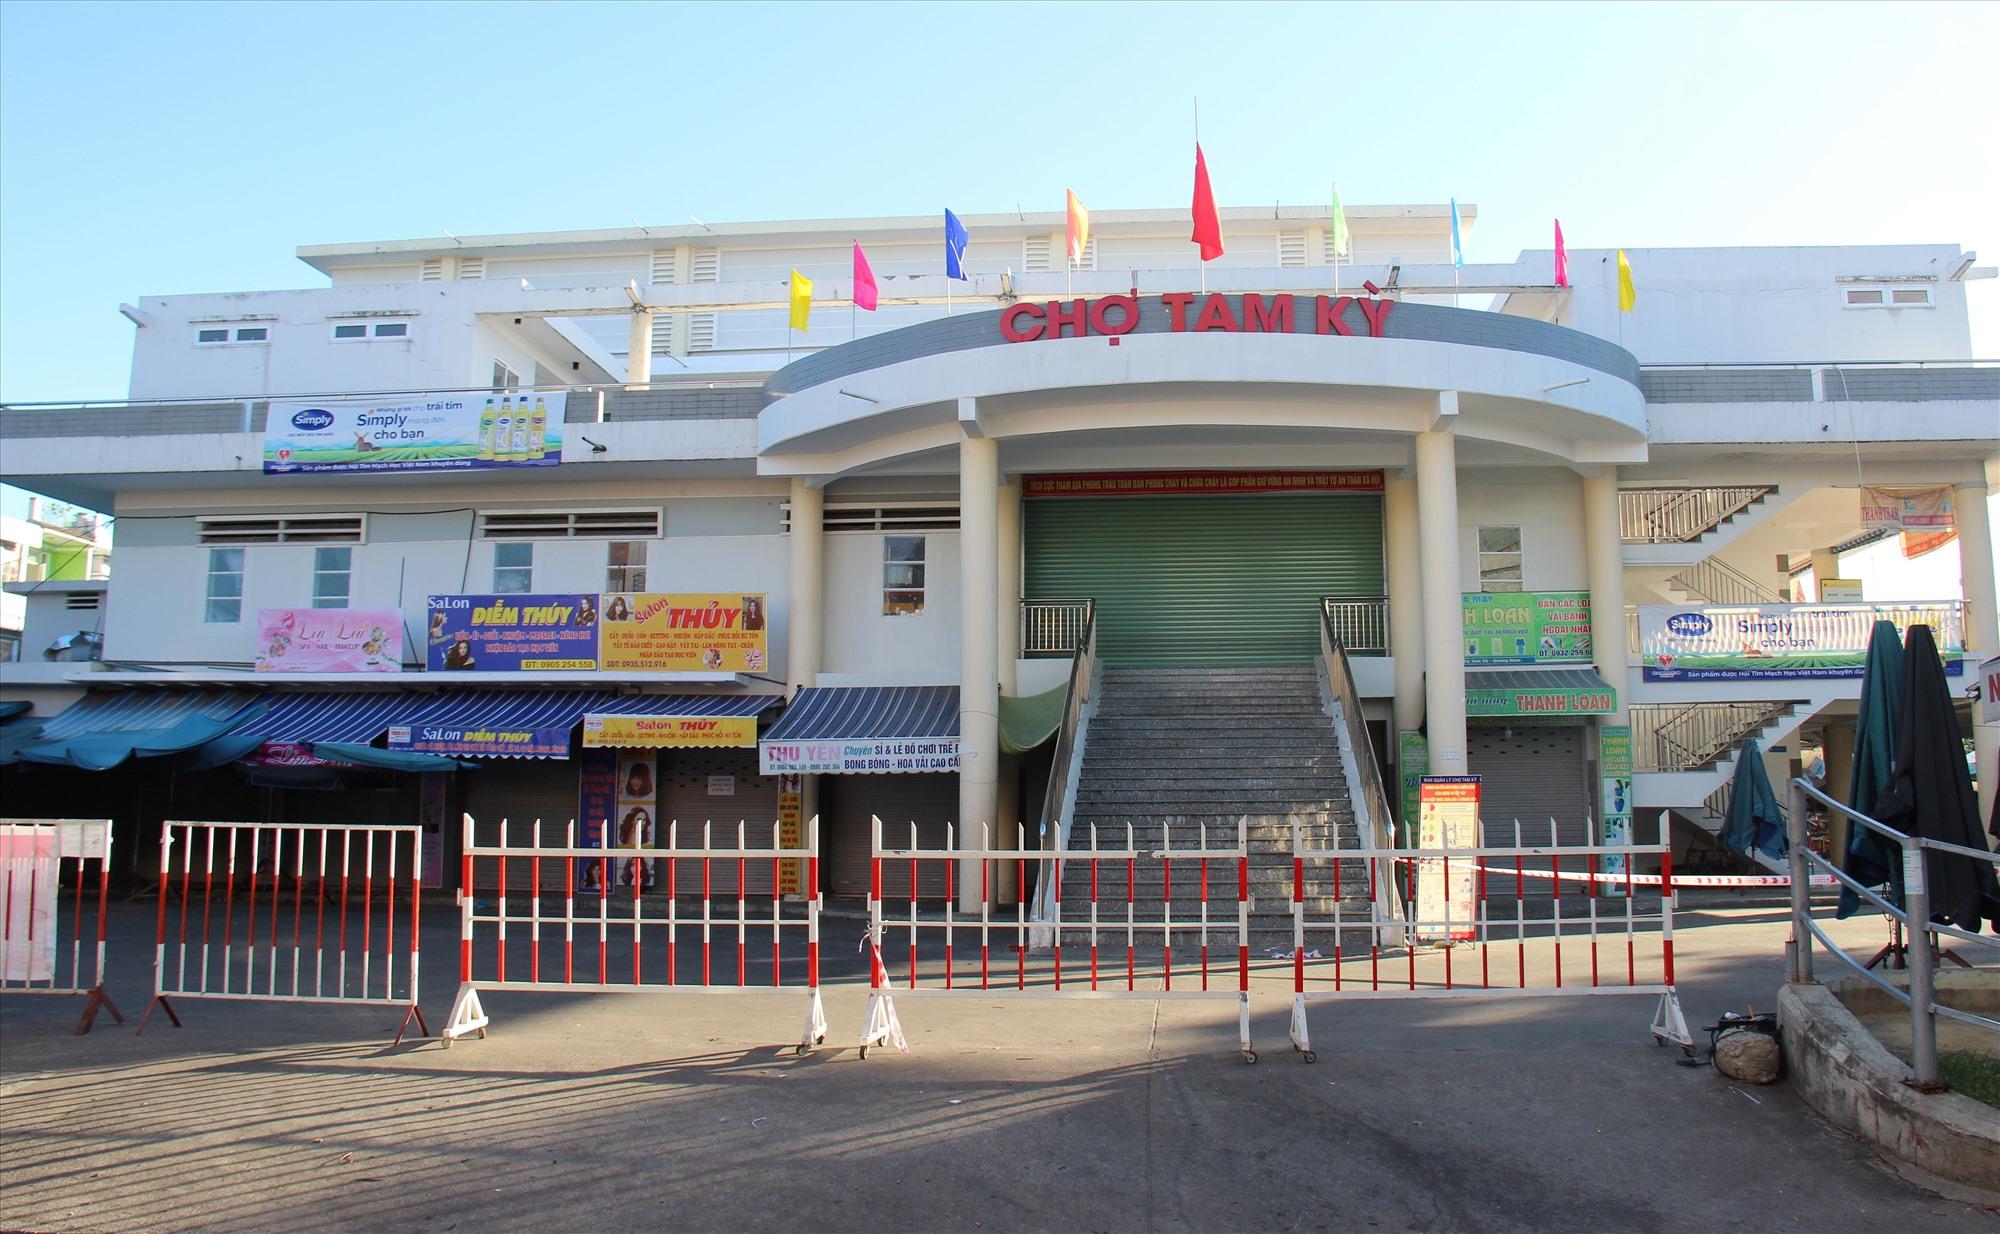 Một hành rào được dựng lên trước cổng ra vào chợ Tam Kỳ (khu vực đường Phan Đình Phùng). Ảnh: THANH THẮNG